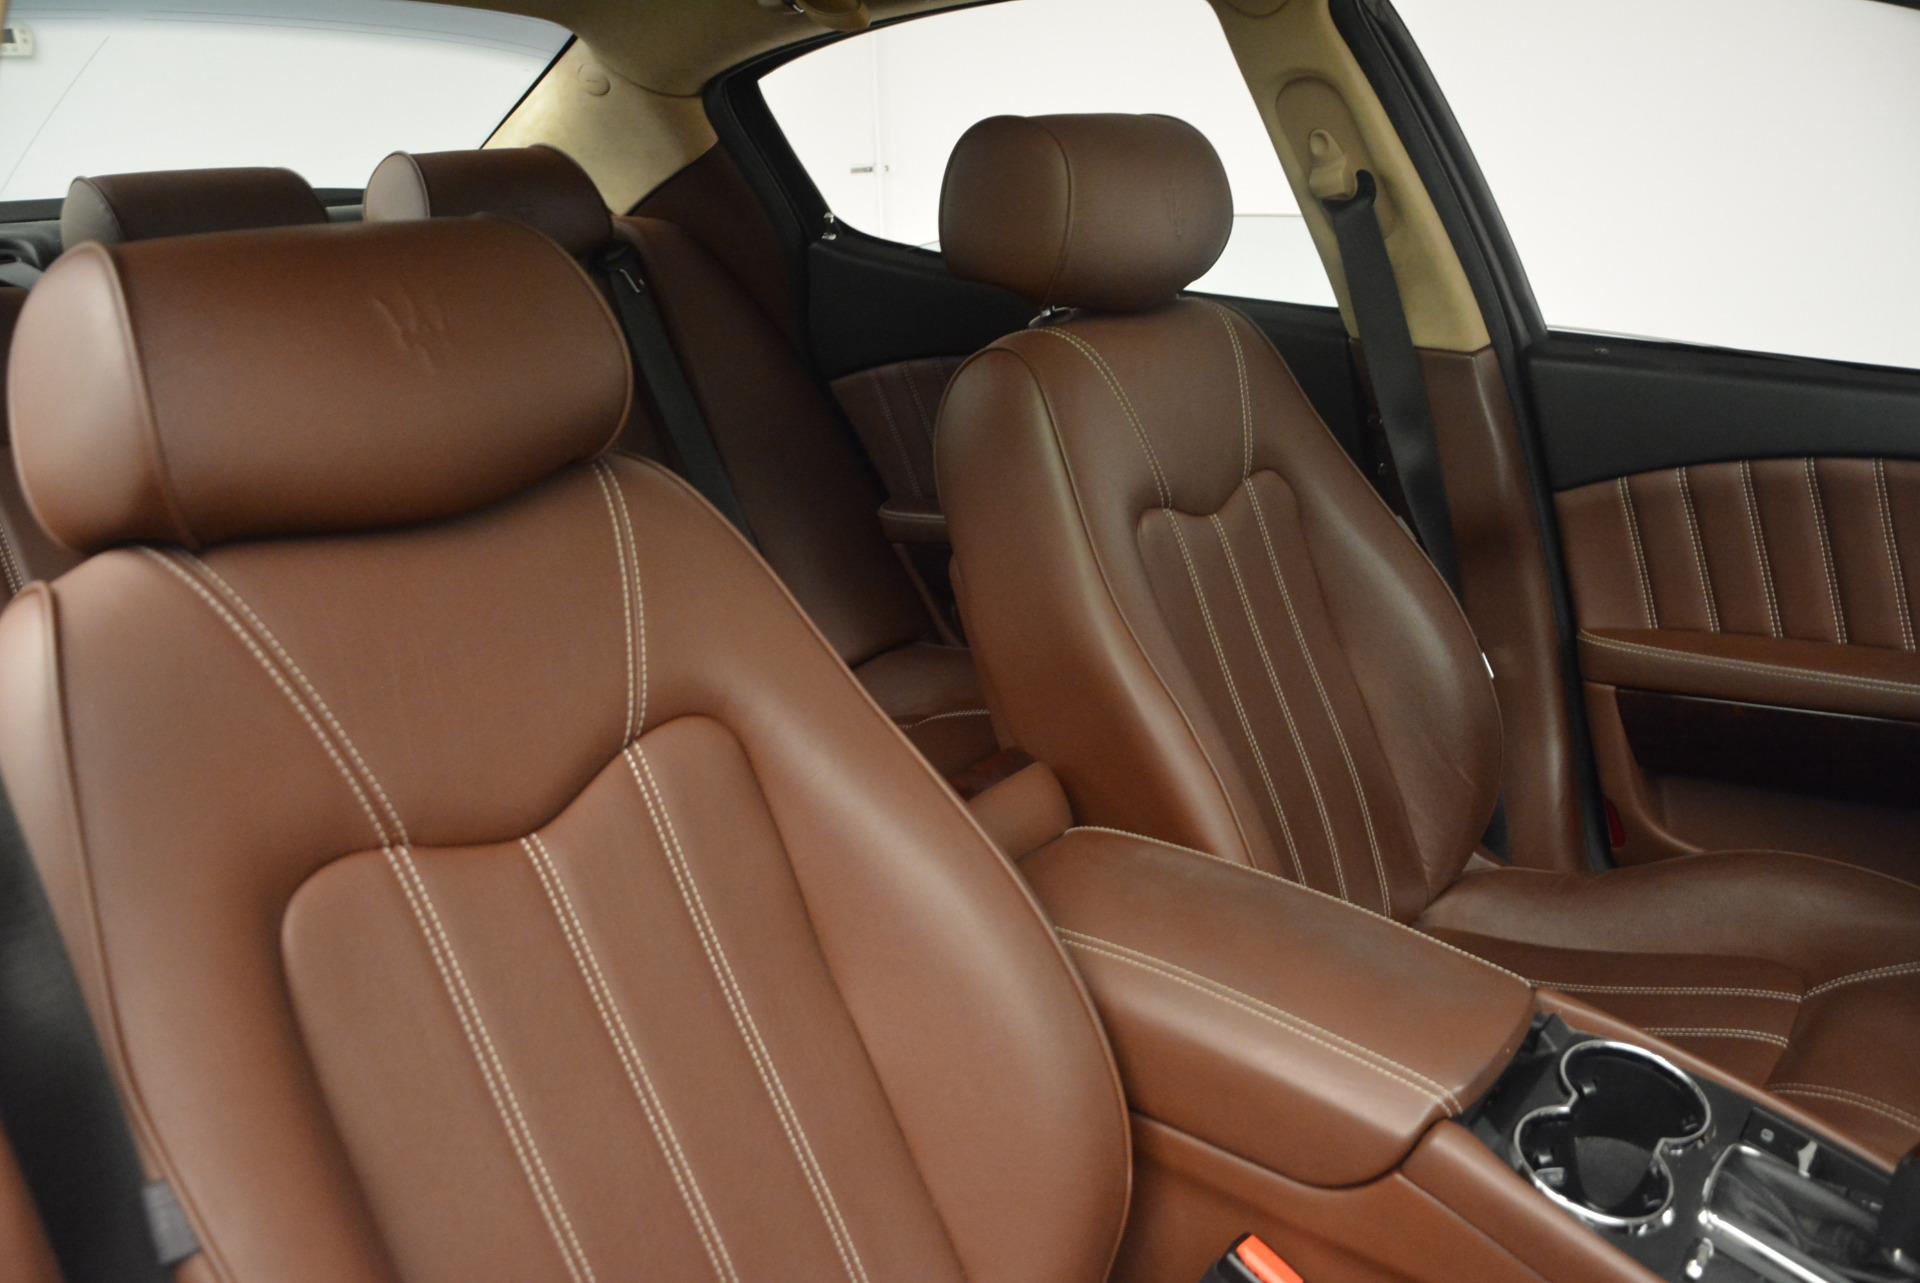 Used 2013 Maserati Quattroporte S For Sale In Greenwich, CT 1012_p20